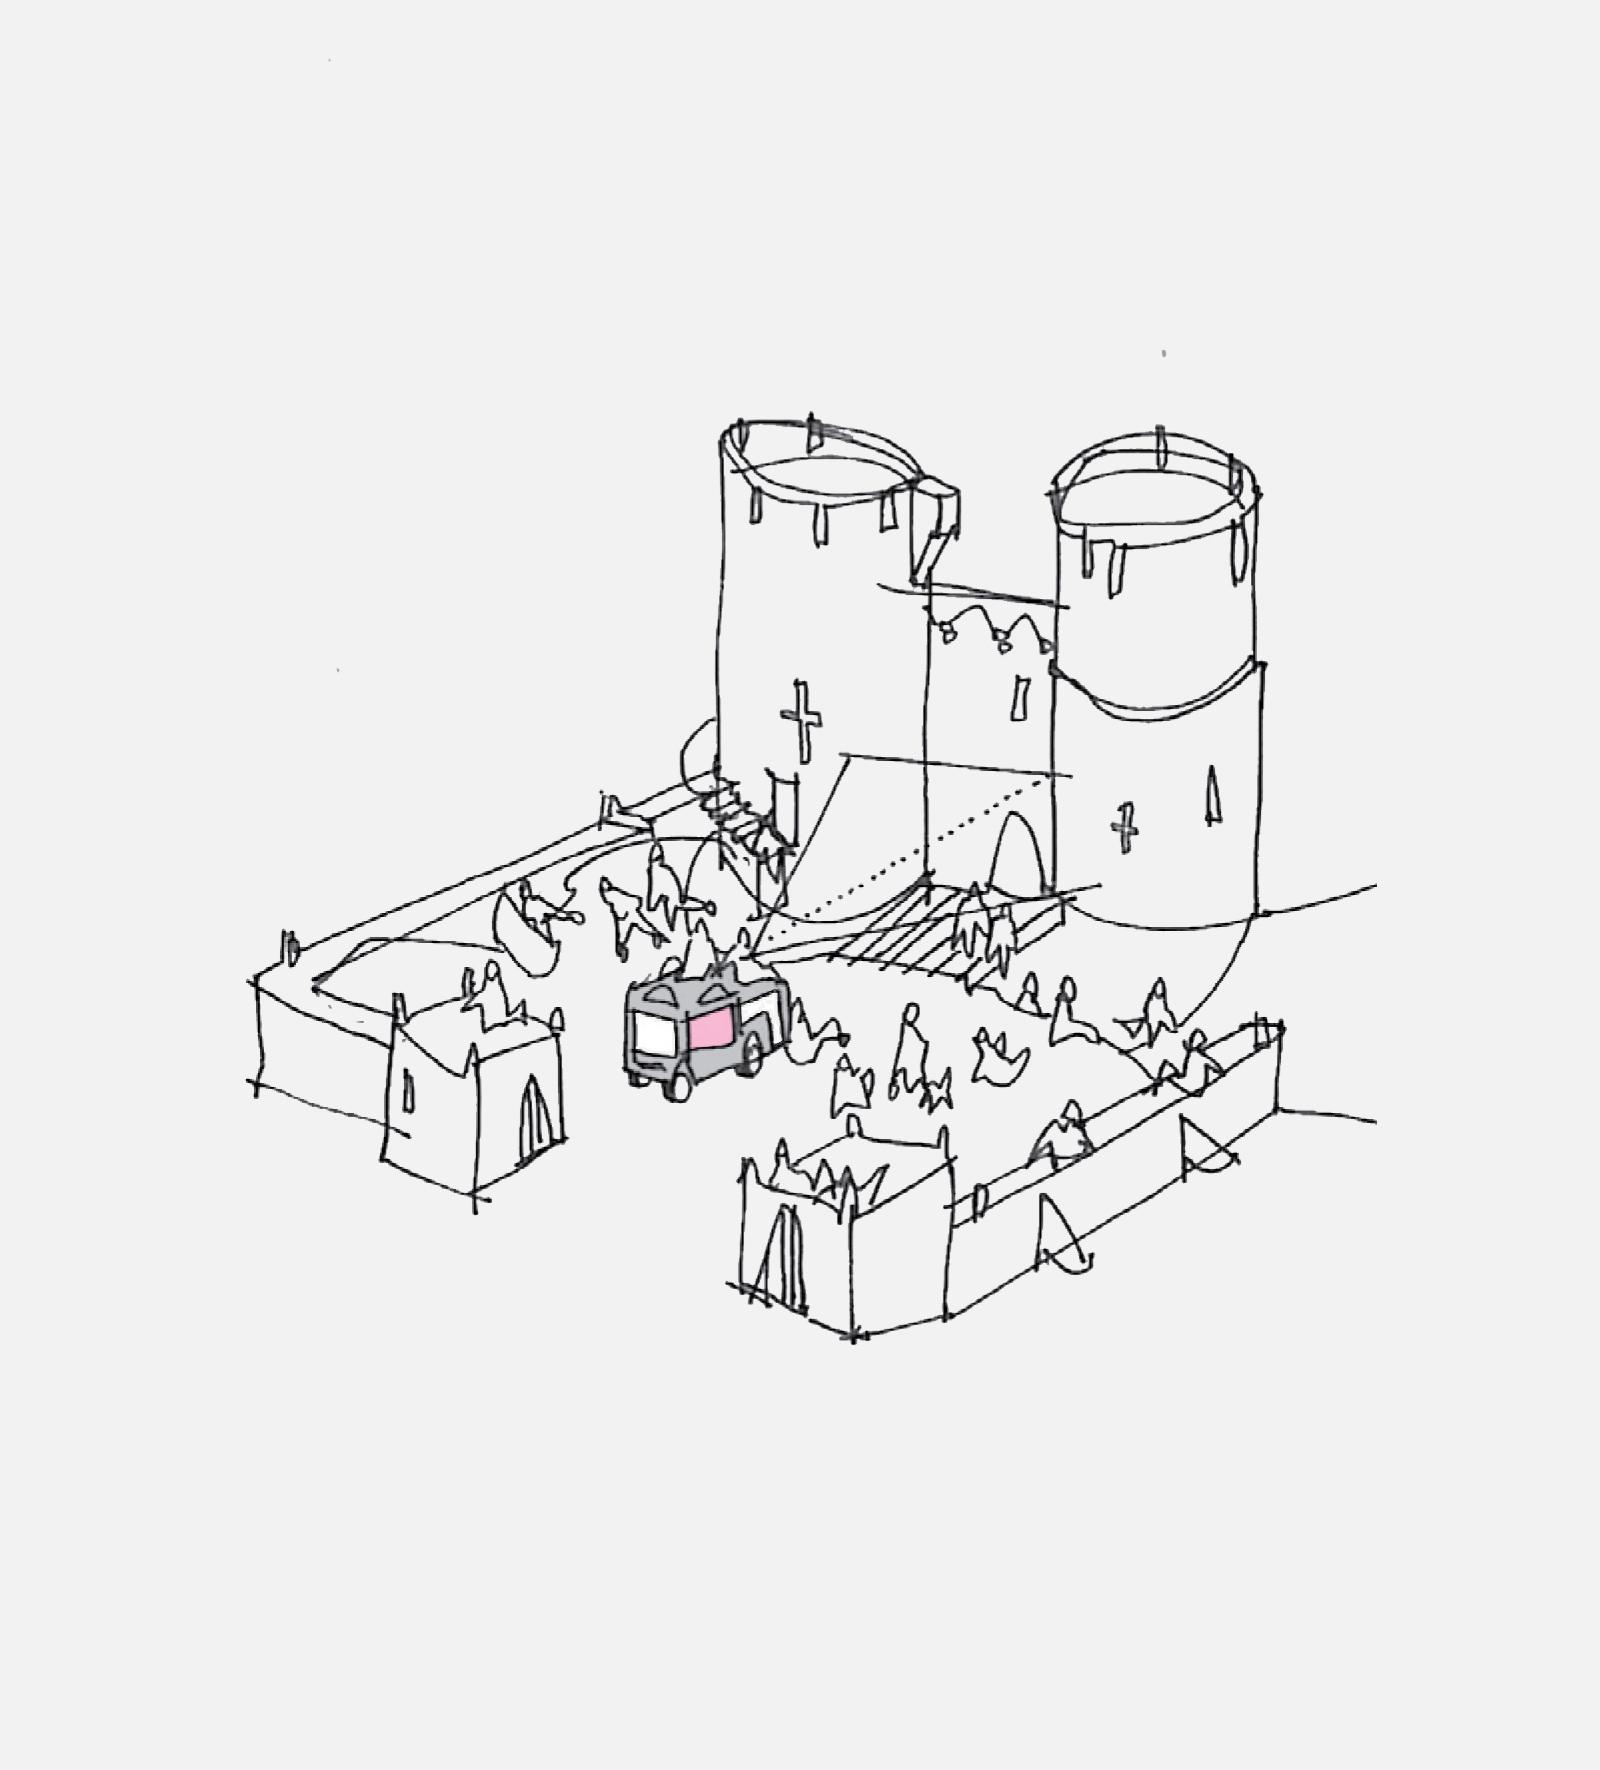 Mobile architecture lab - sketch